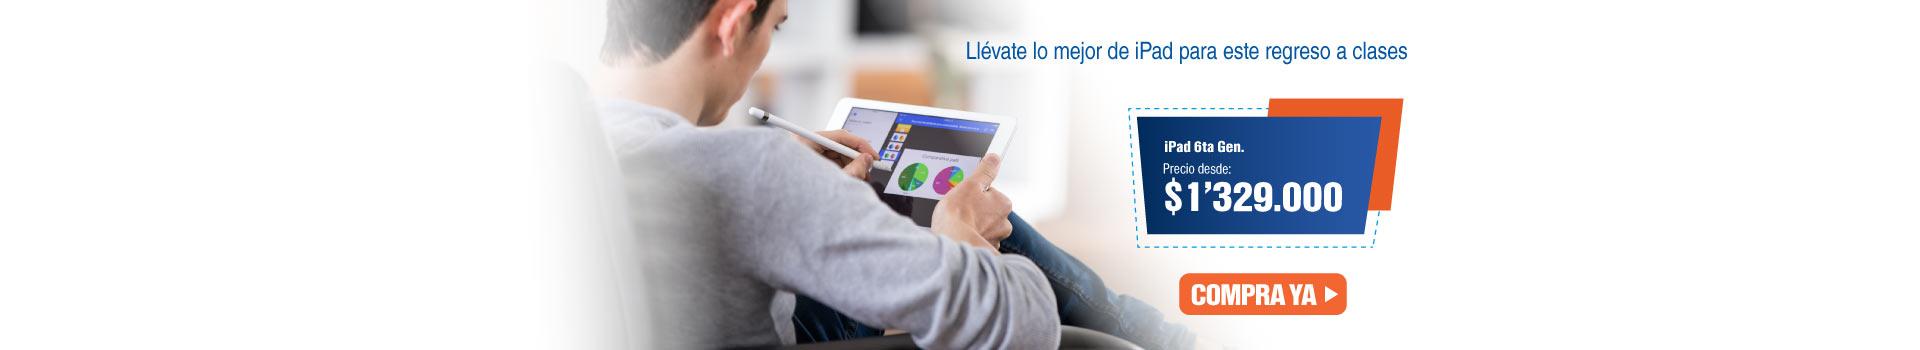 AK-KT-BCAT-6-computadores y tablets-DCAT-EXPM-Apple-iPad WiFi 32GB 6ta gen-Jul19